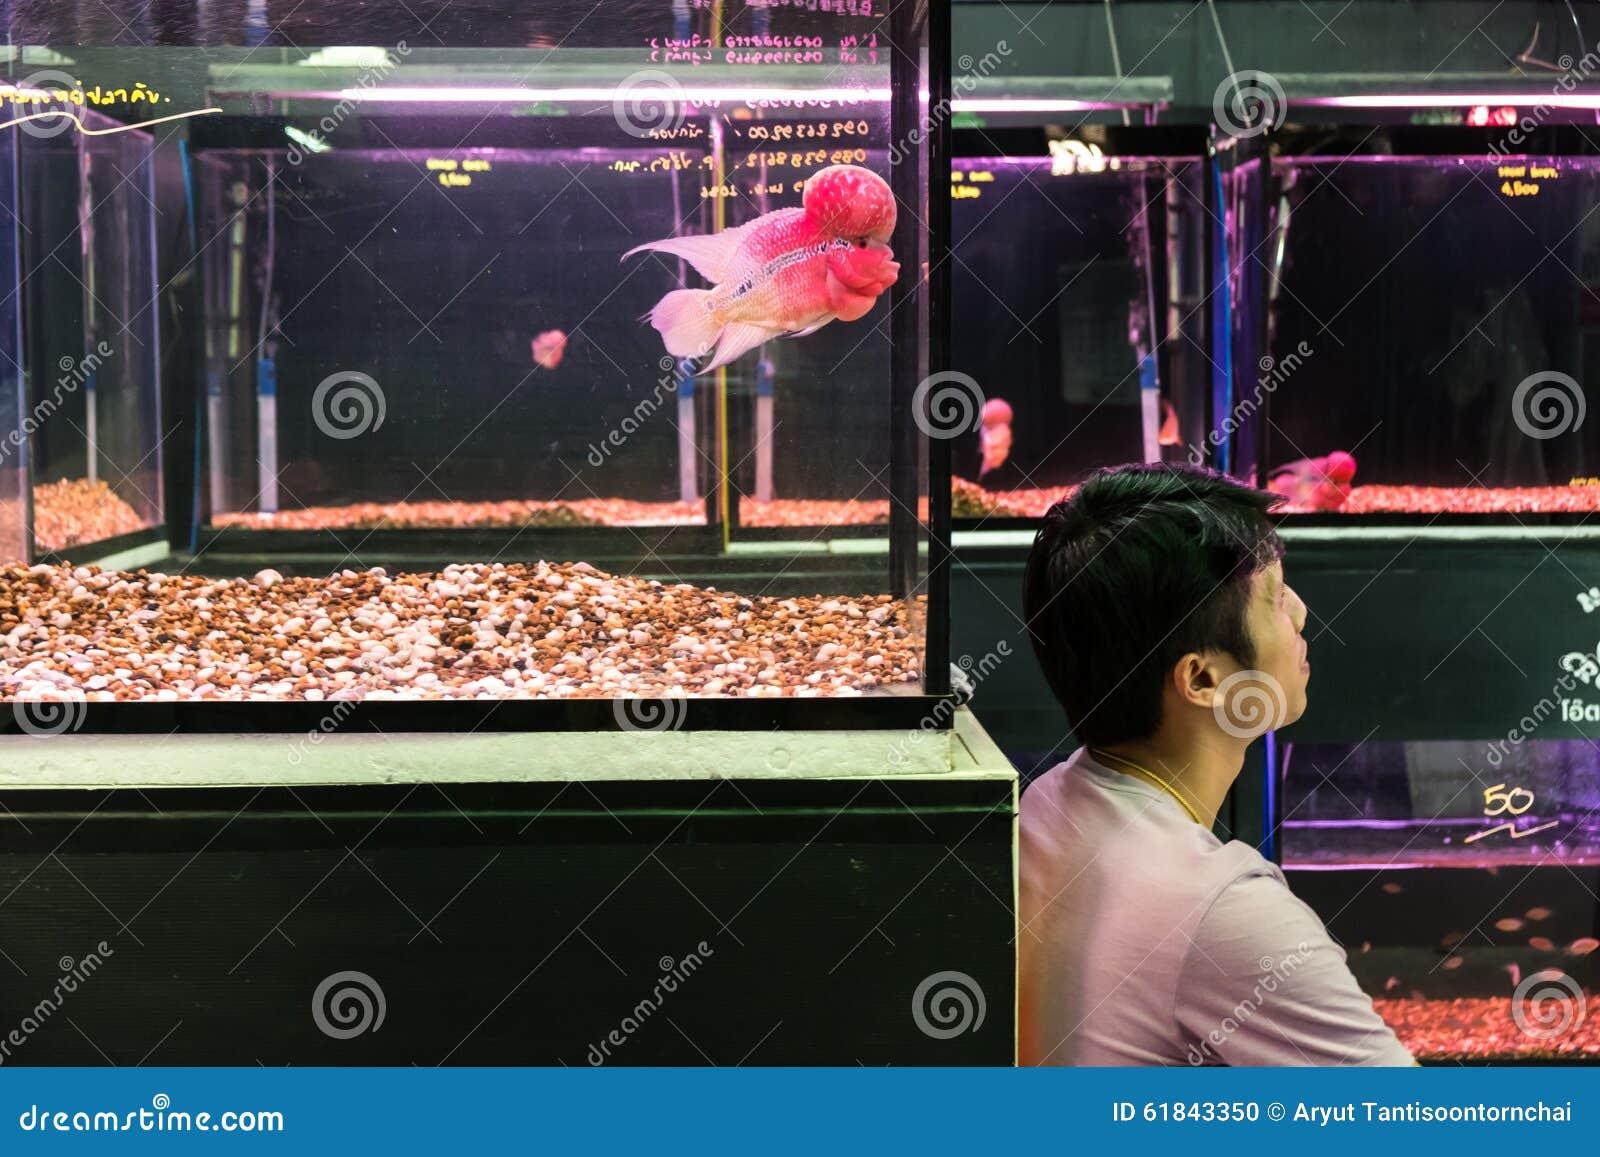 Pet shop aquarium editorial image  Image of buying, business